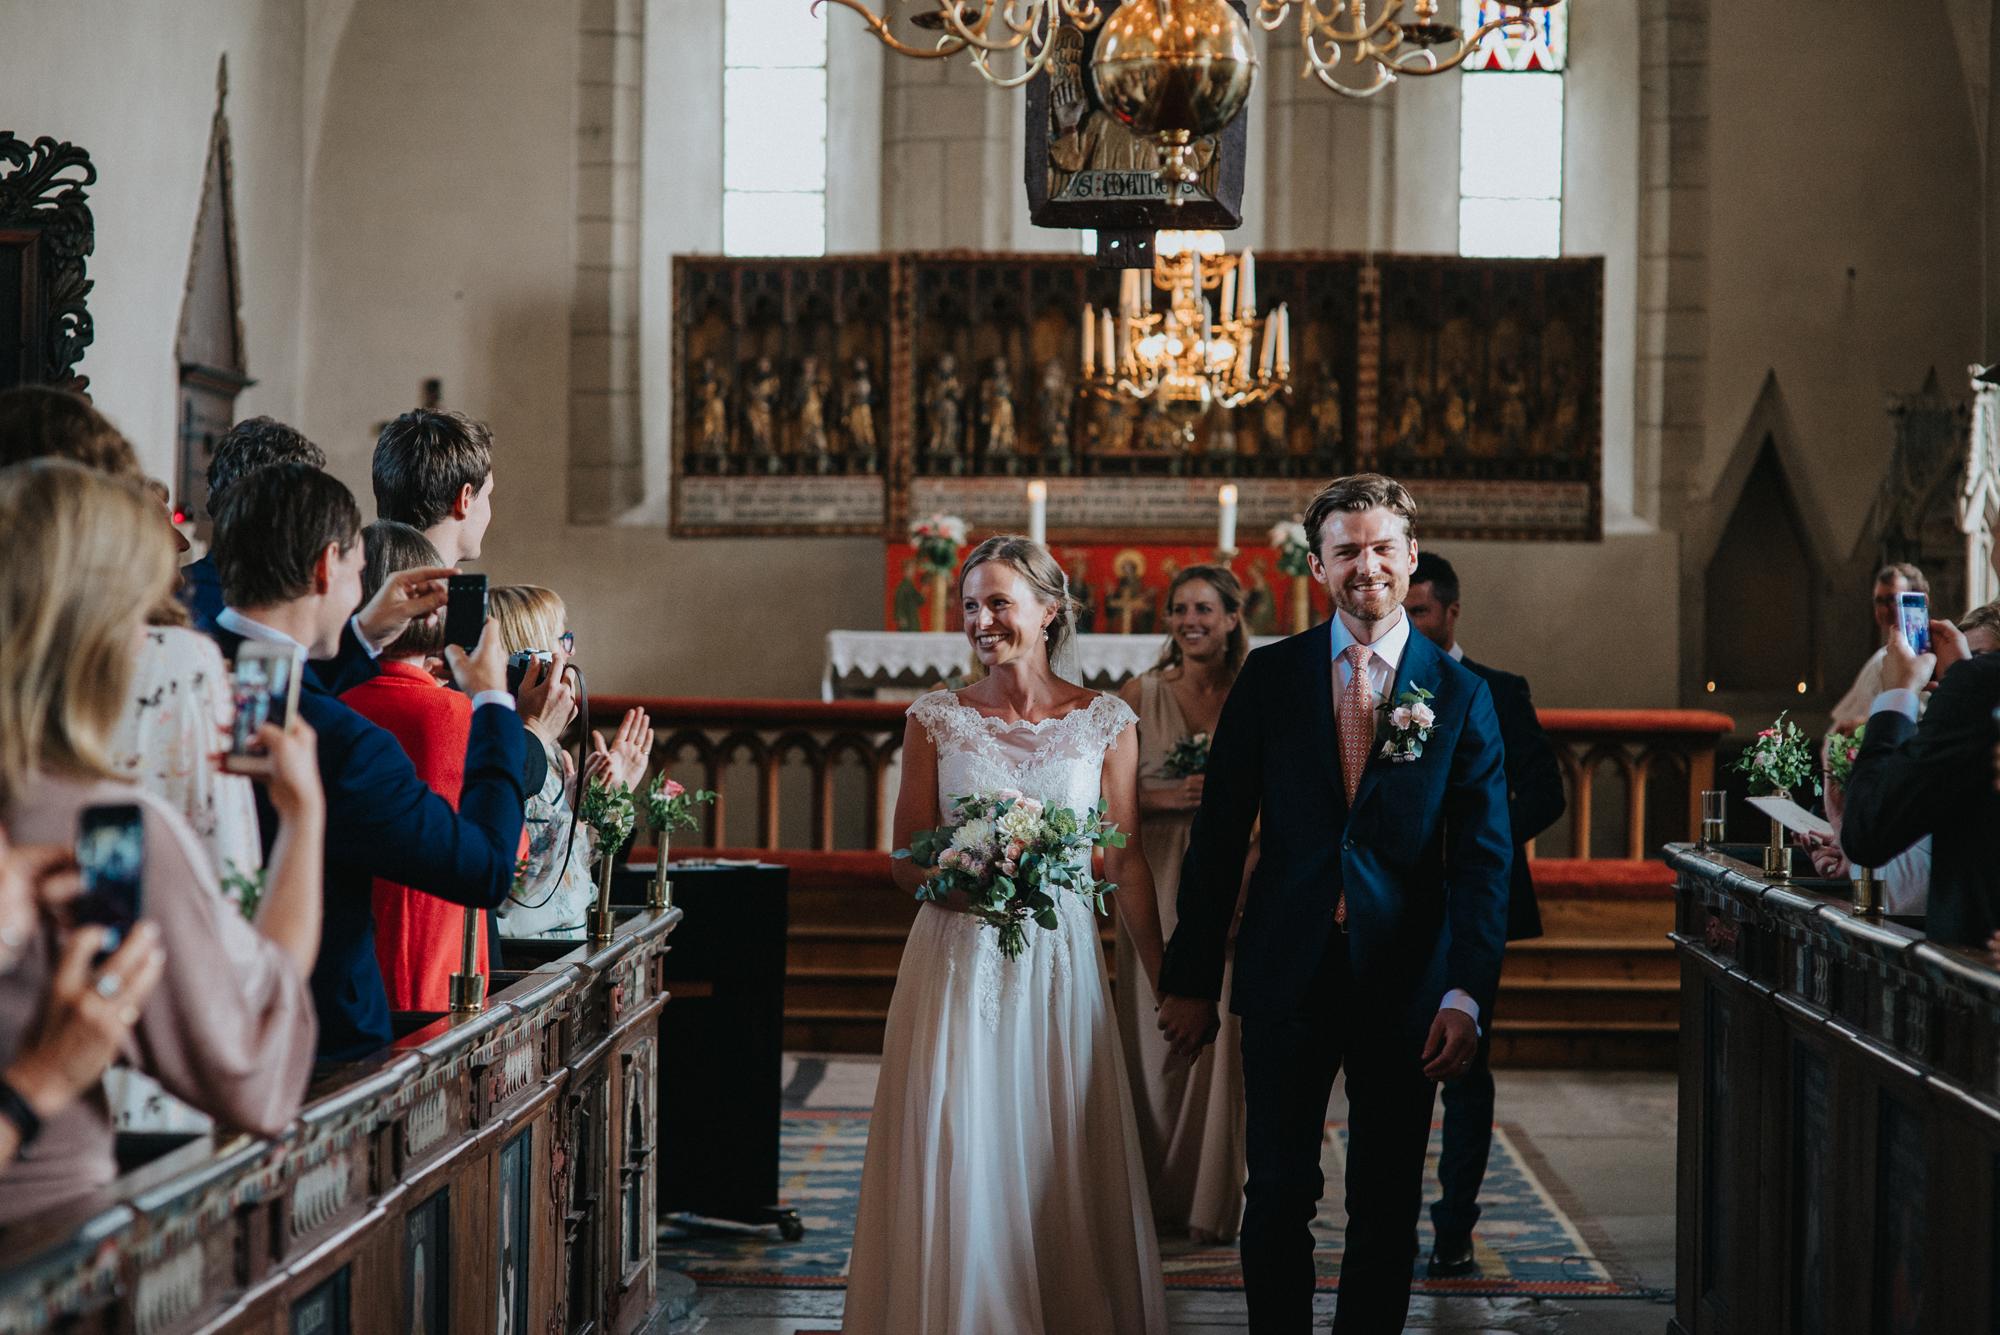 013-bröllopsfotograf-gotland-neas-fotografi.jpg